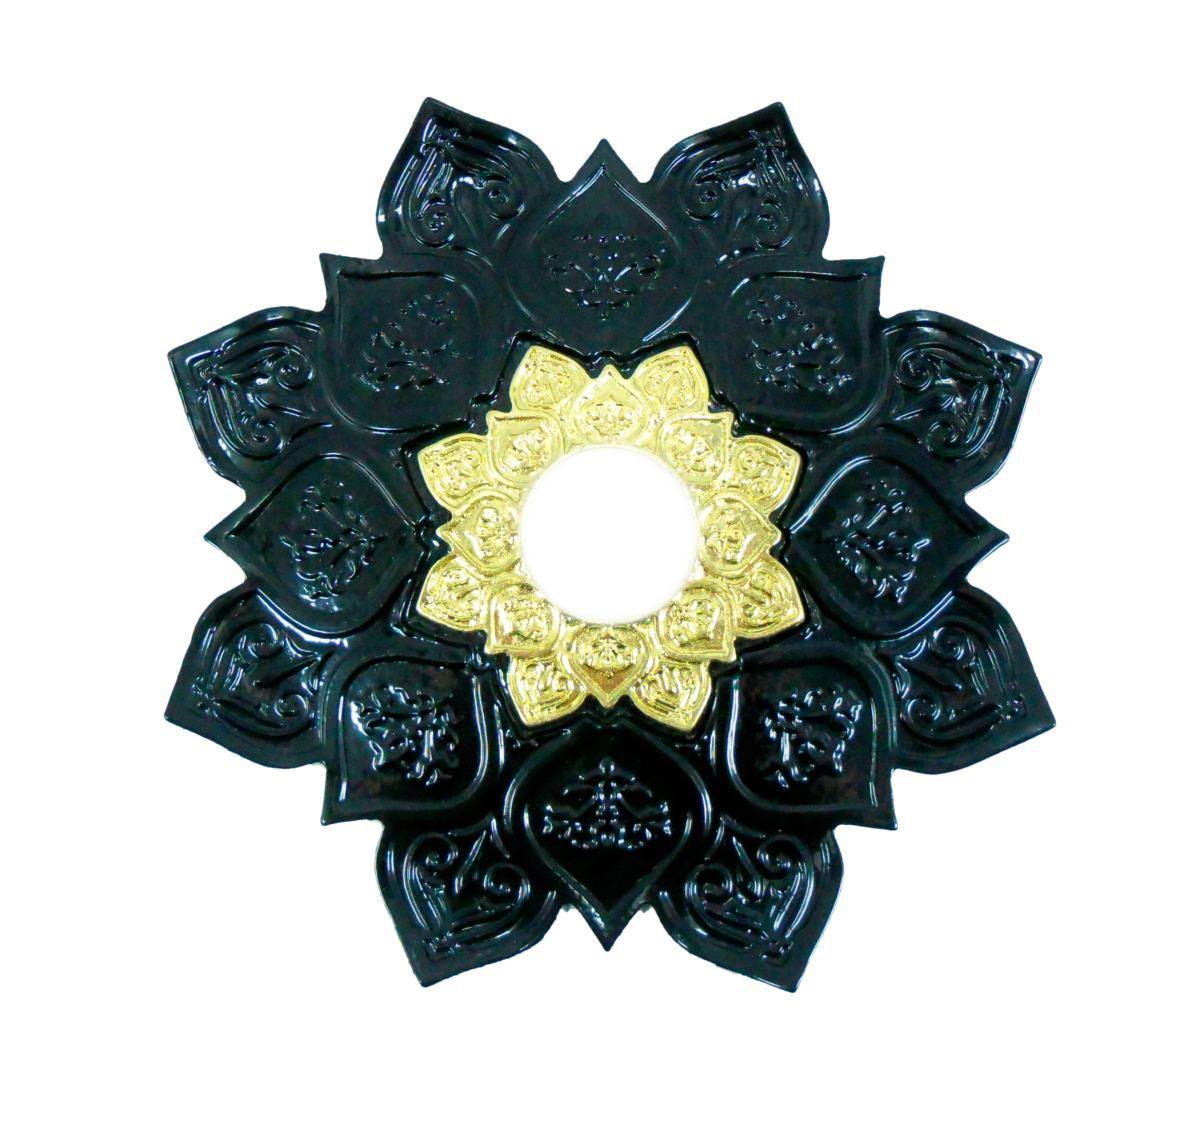 Narguile Judith Plus Dourado Caveira Mexicana, vaso Aladin, mang.silicone, pit.alumínio,rosh dourado